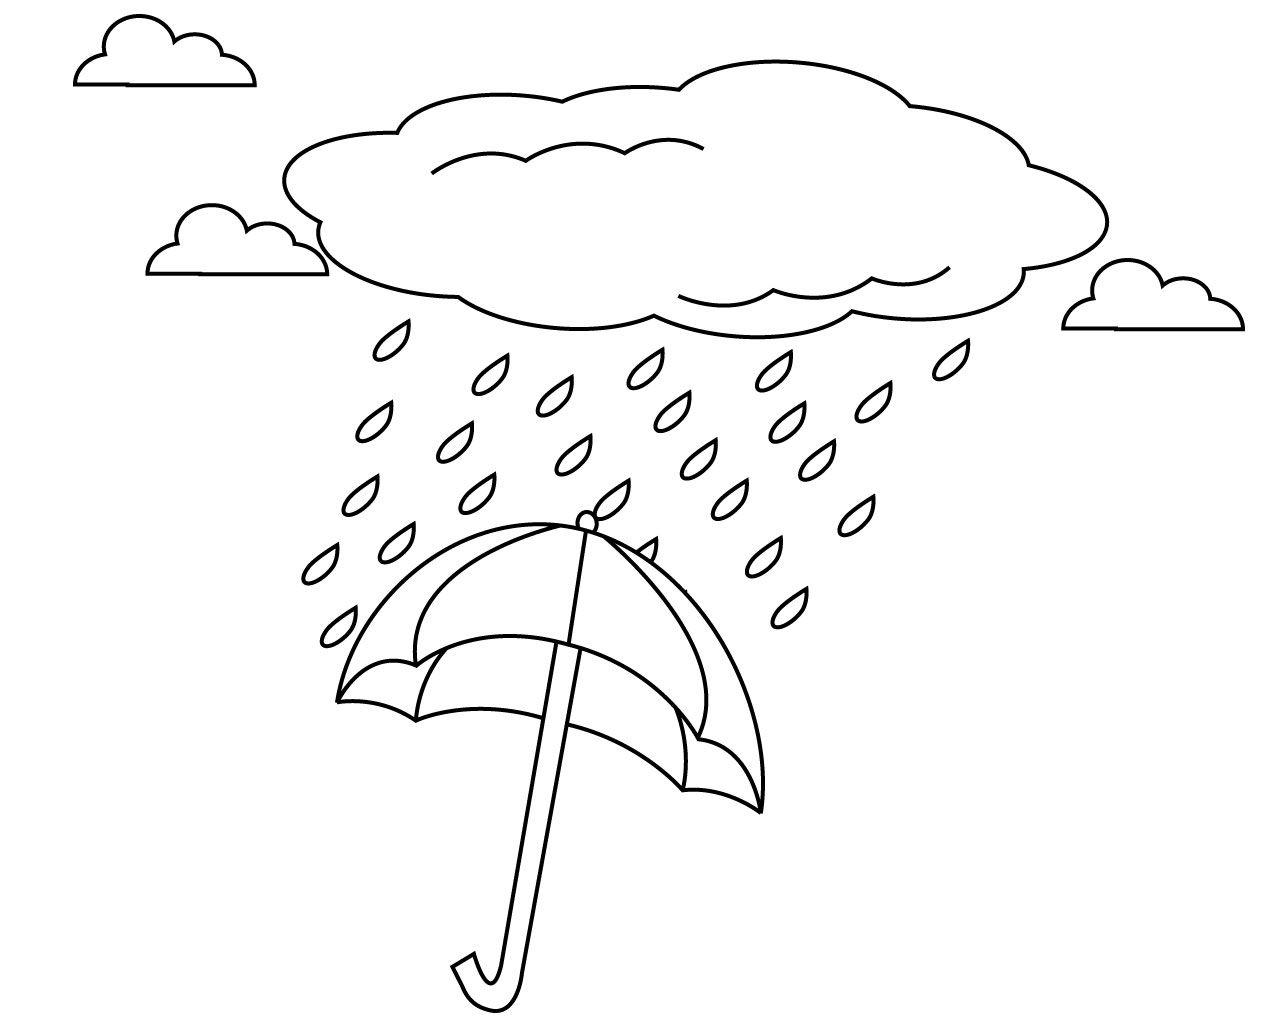 Umbrella And Rain Coloring Pages Umbrella Coloring Page Coloring Pages Journal Stationery